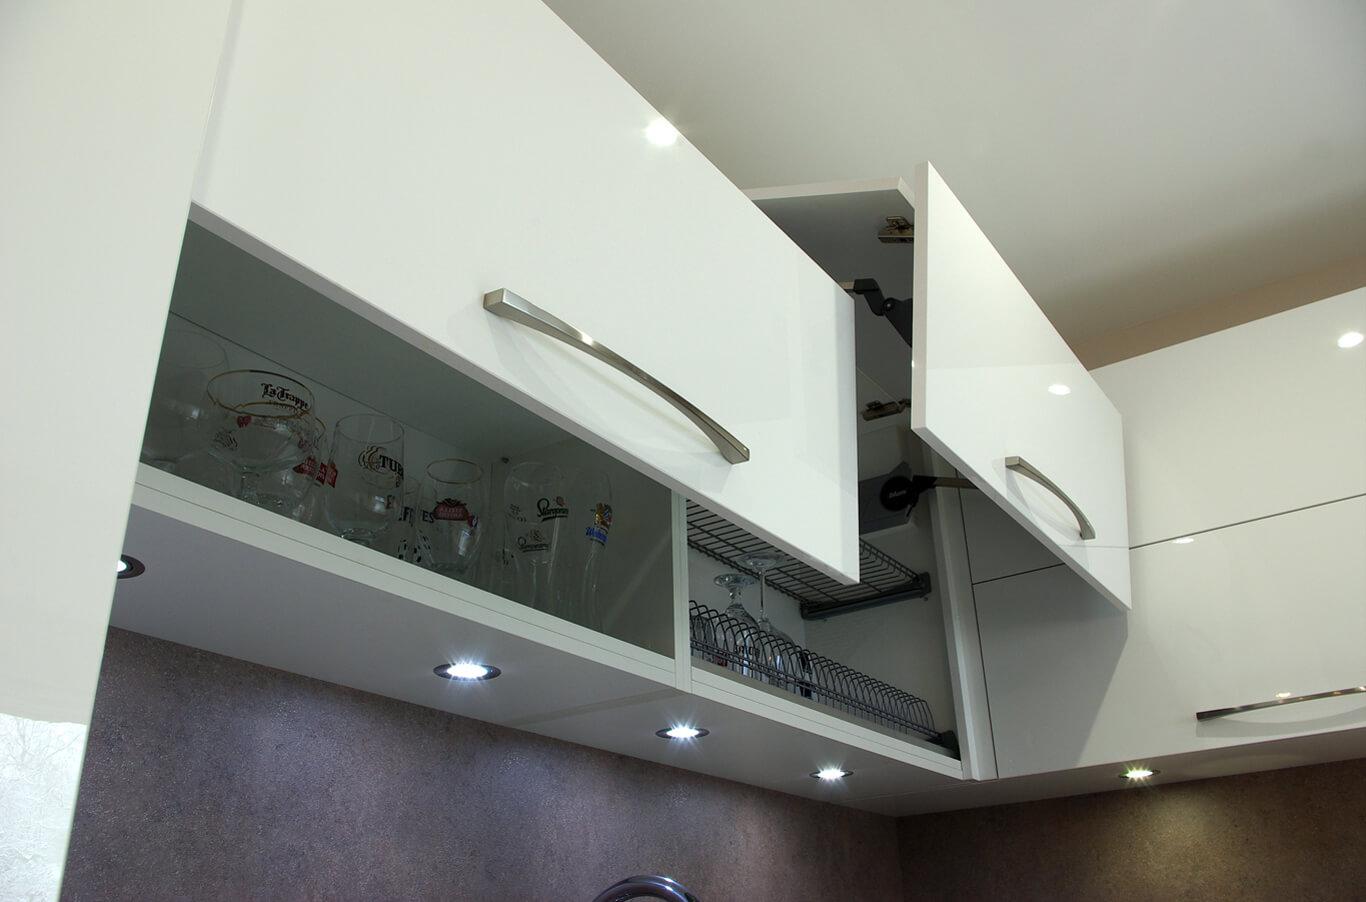 кухненски шкаф с механизми на блум